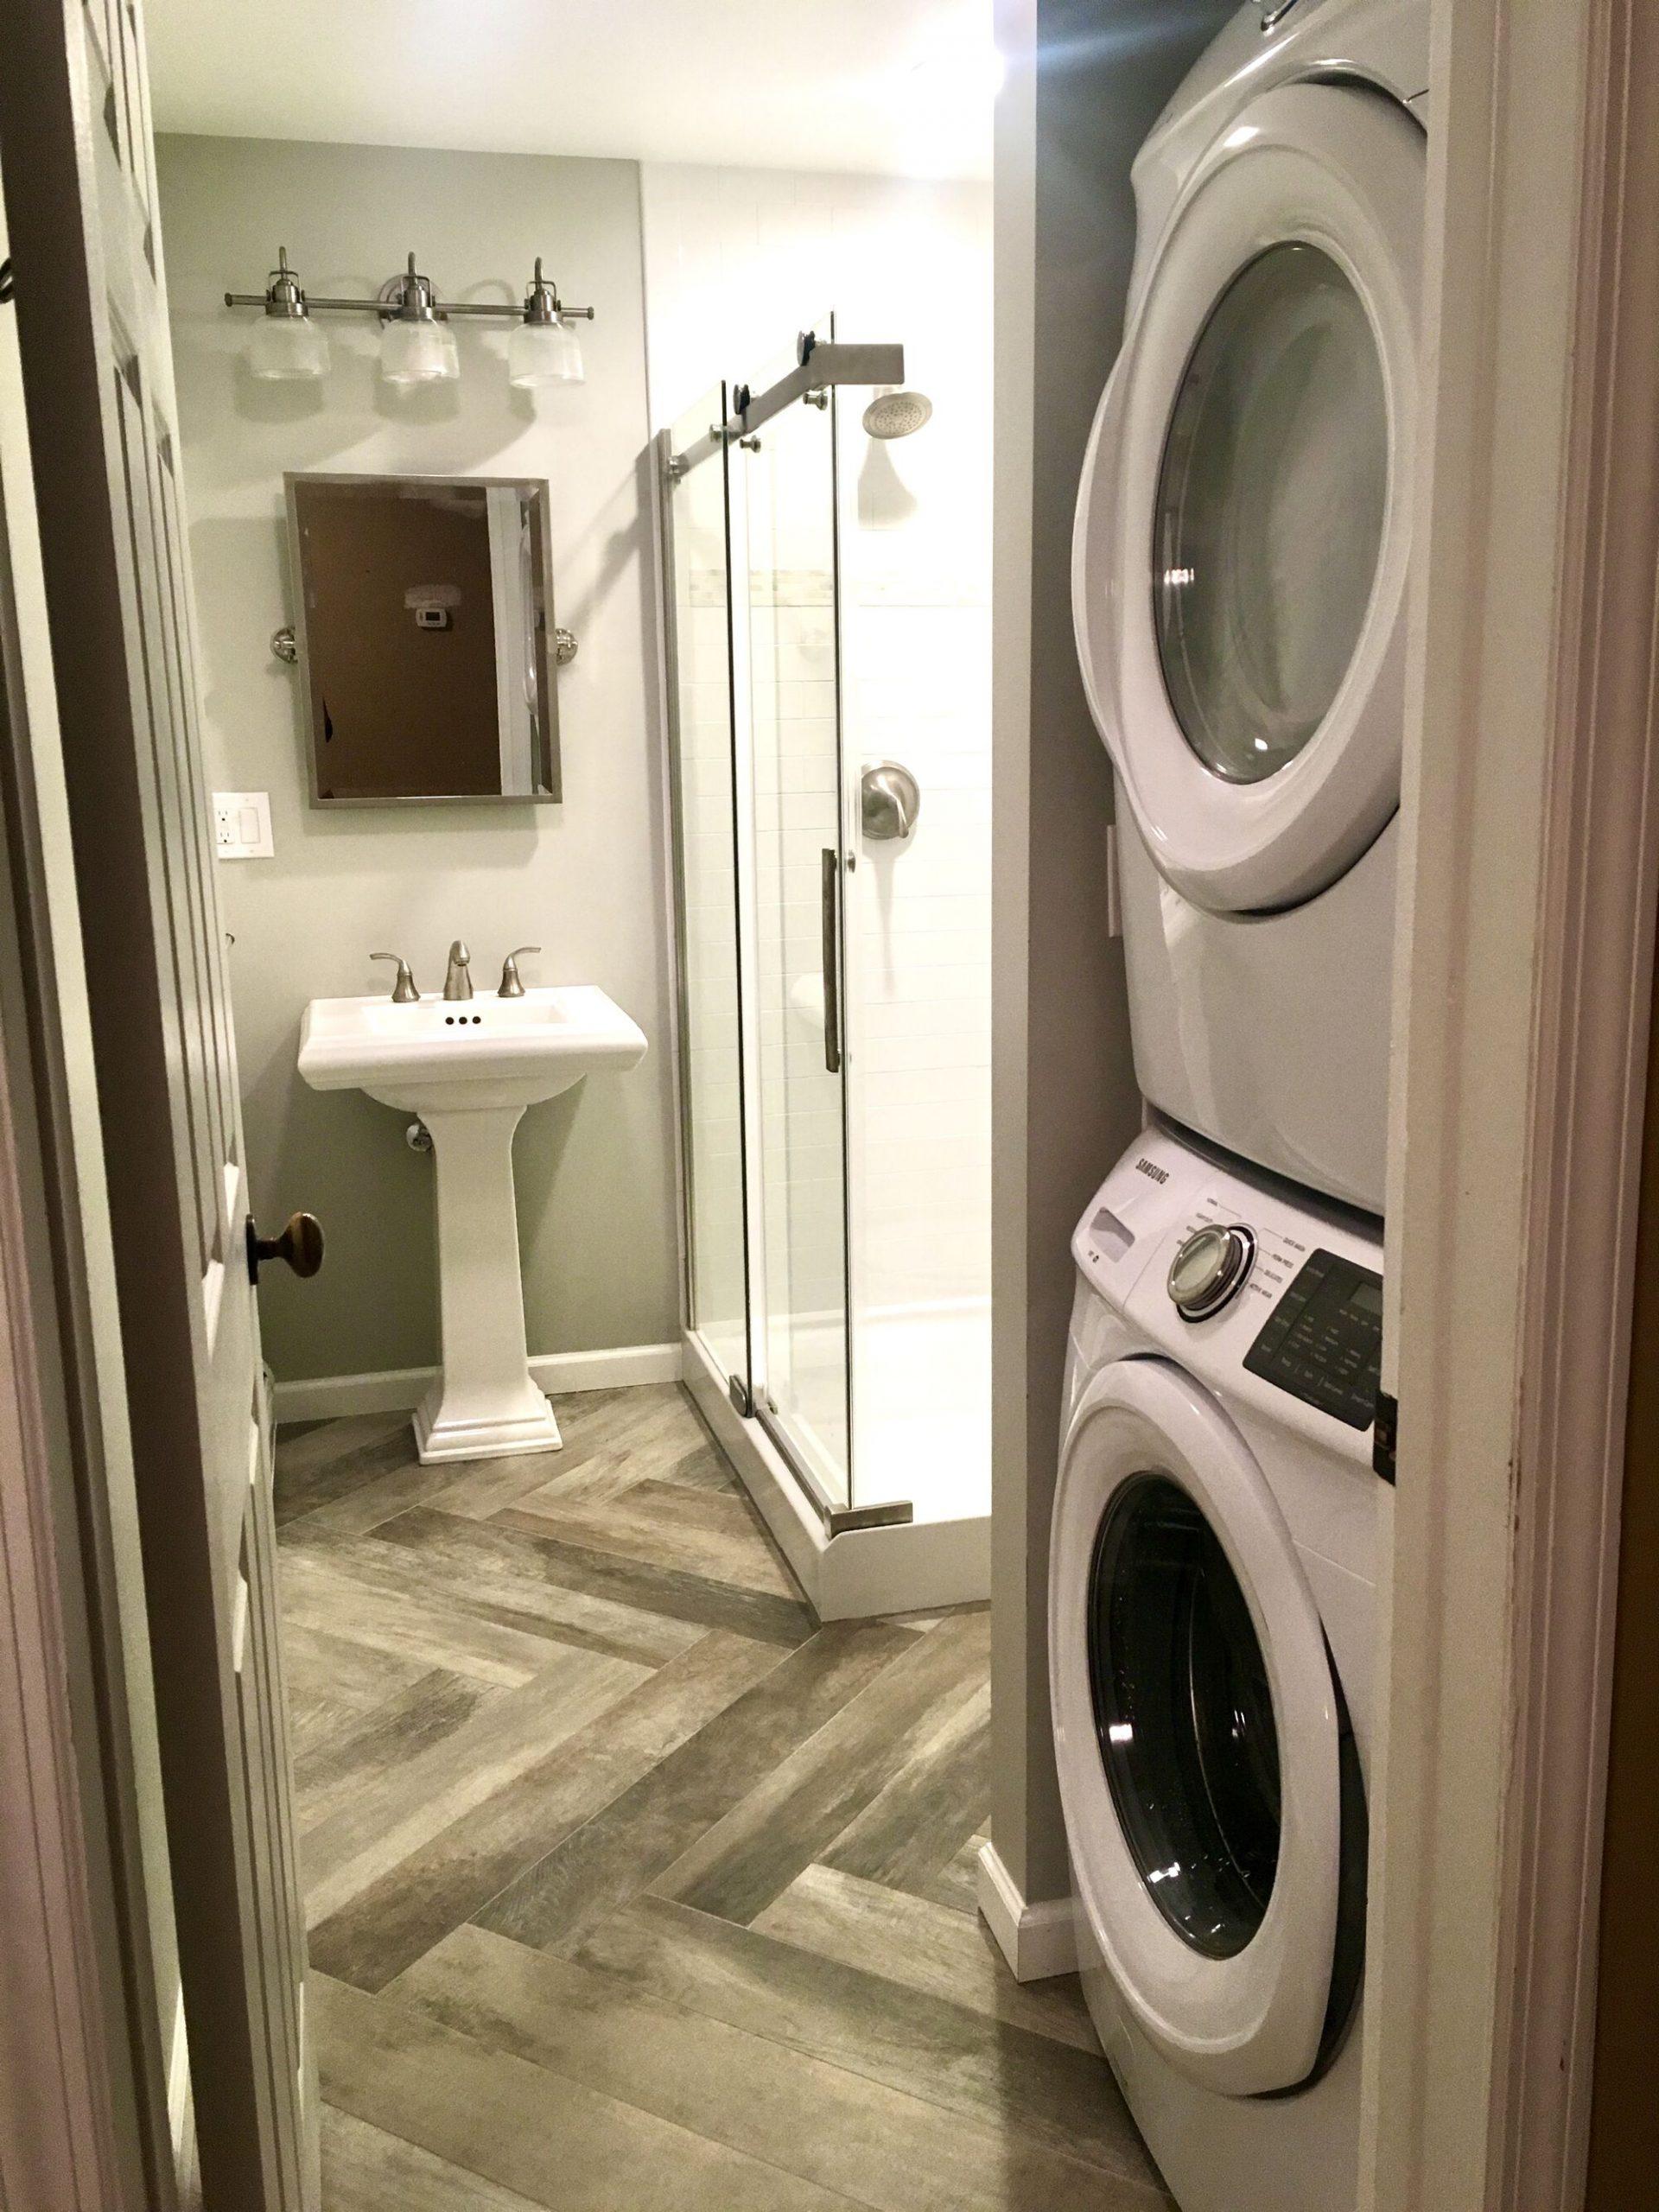 Basement Bathroom with Laundry in Tenafly, Bergen County NJ